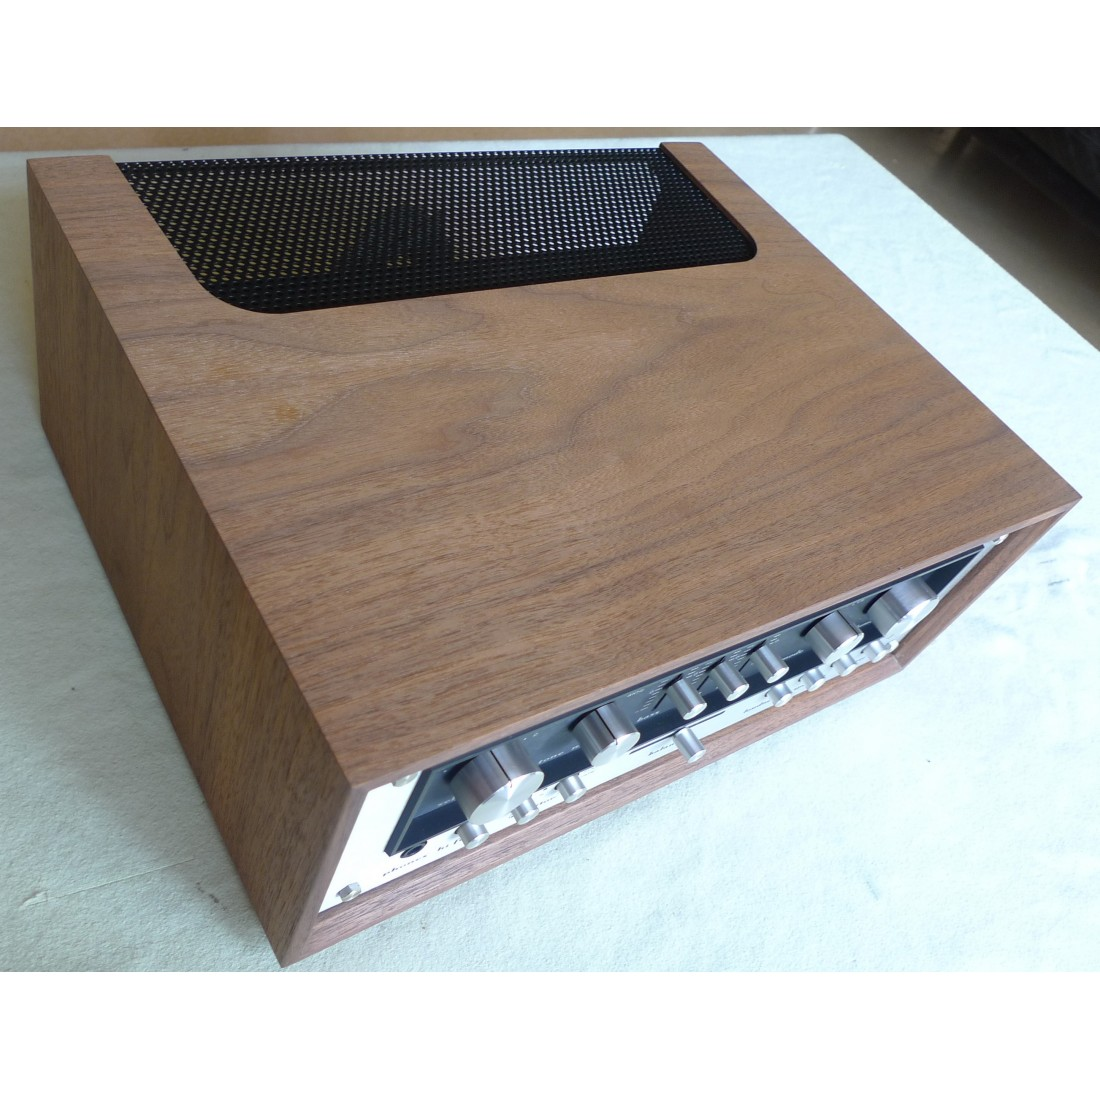 ampli pr ampli marantz 3200 140 ssp de 1975 77 2 x 75 watts vu m. Black Bedroom Furniture Sets. Home Design Ideas